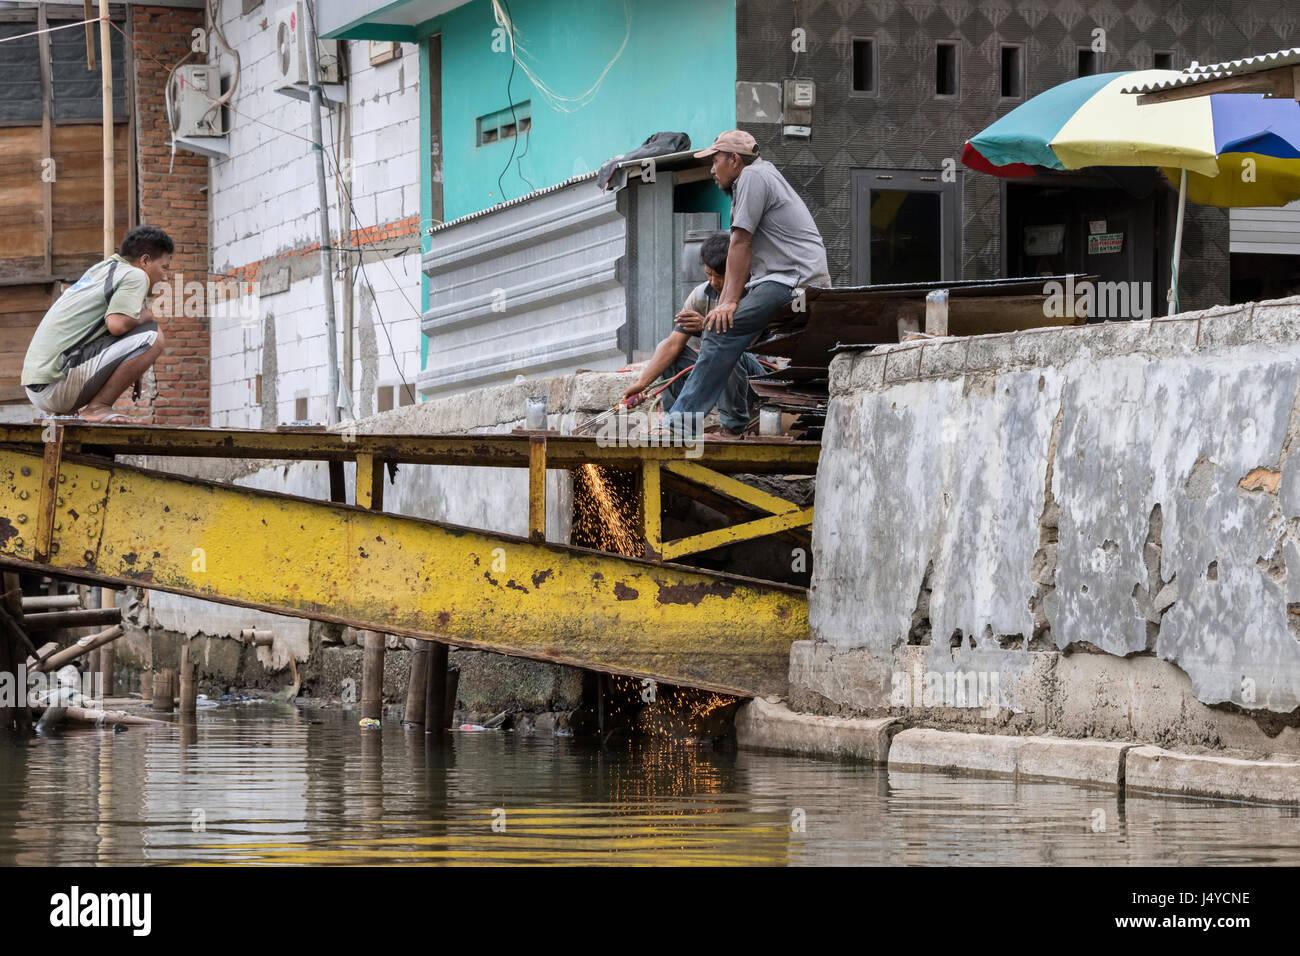 Les soudeurs sur le pont jaune, Sunda Kelapa port intérieur, Jakarta, Indonésie Photo Stock